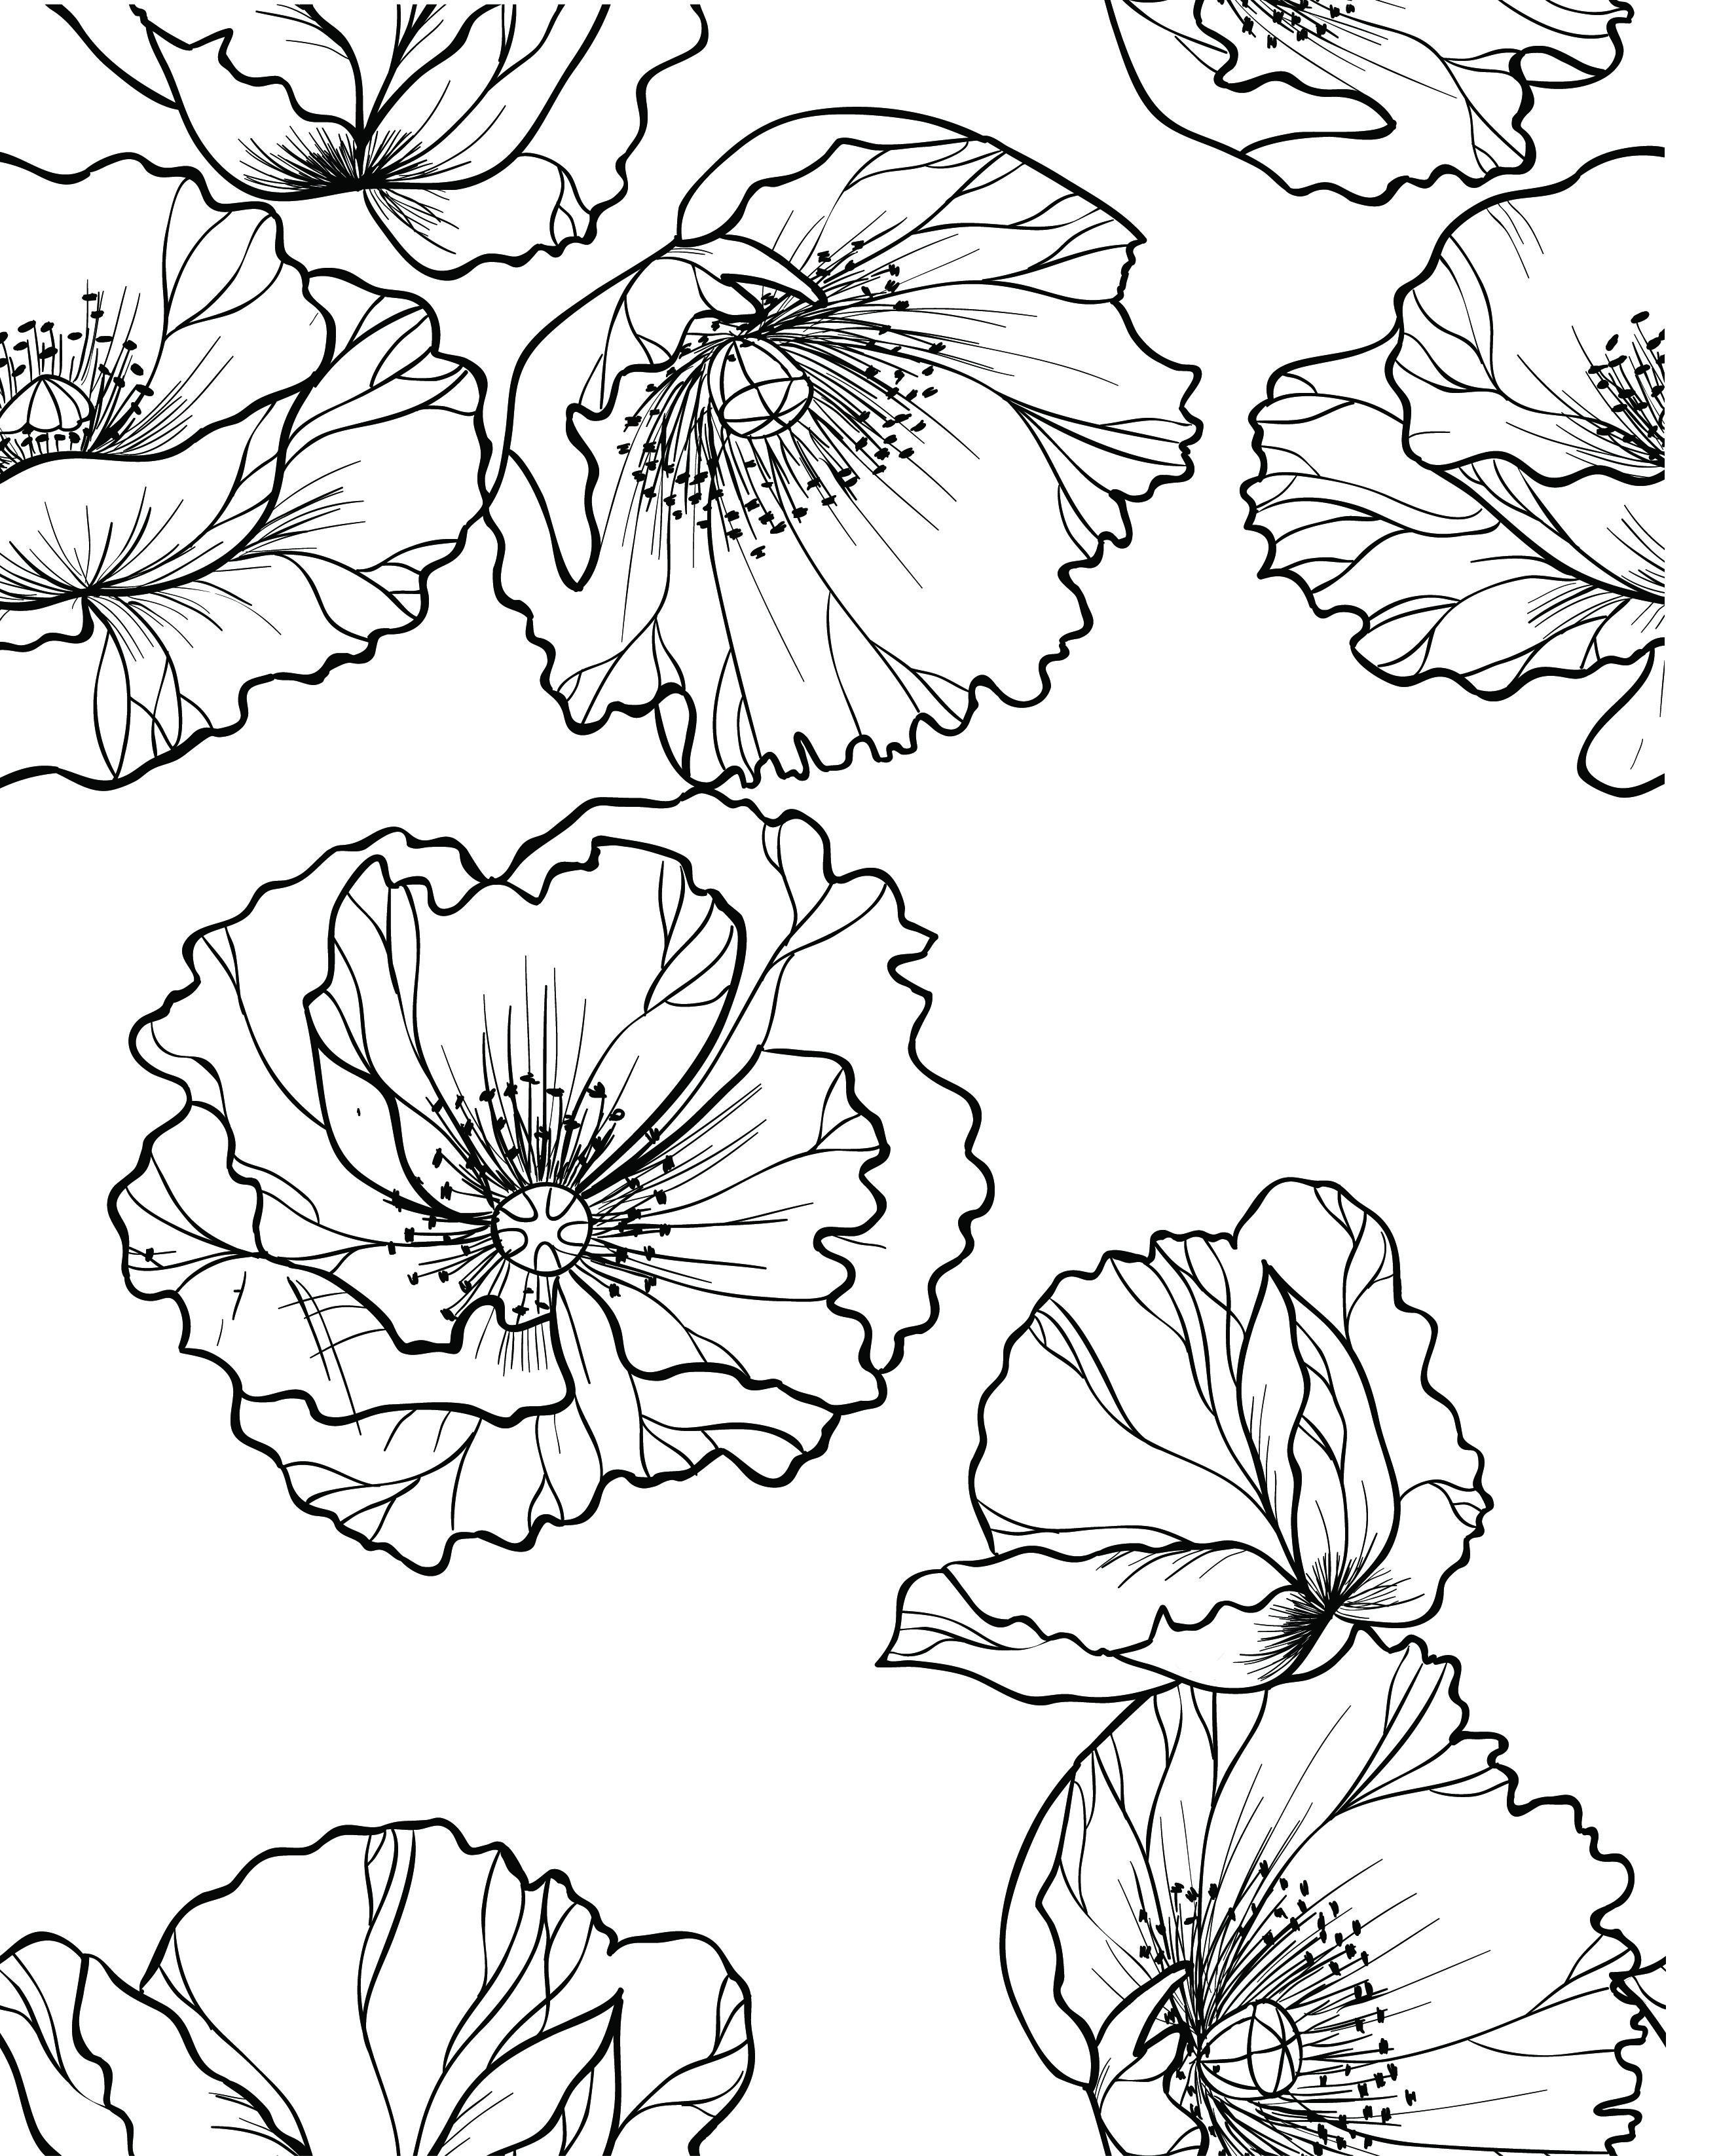 Épinglé Sur Coloriage Fleurs Et Plantes - Flowers And avec Carnet Coloriage Adulte